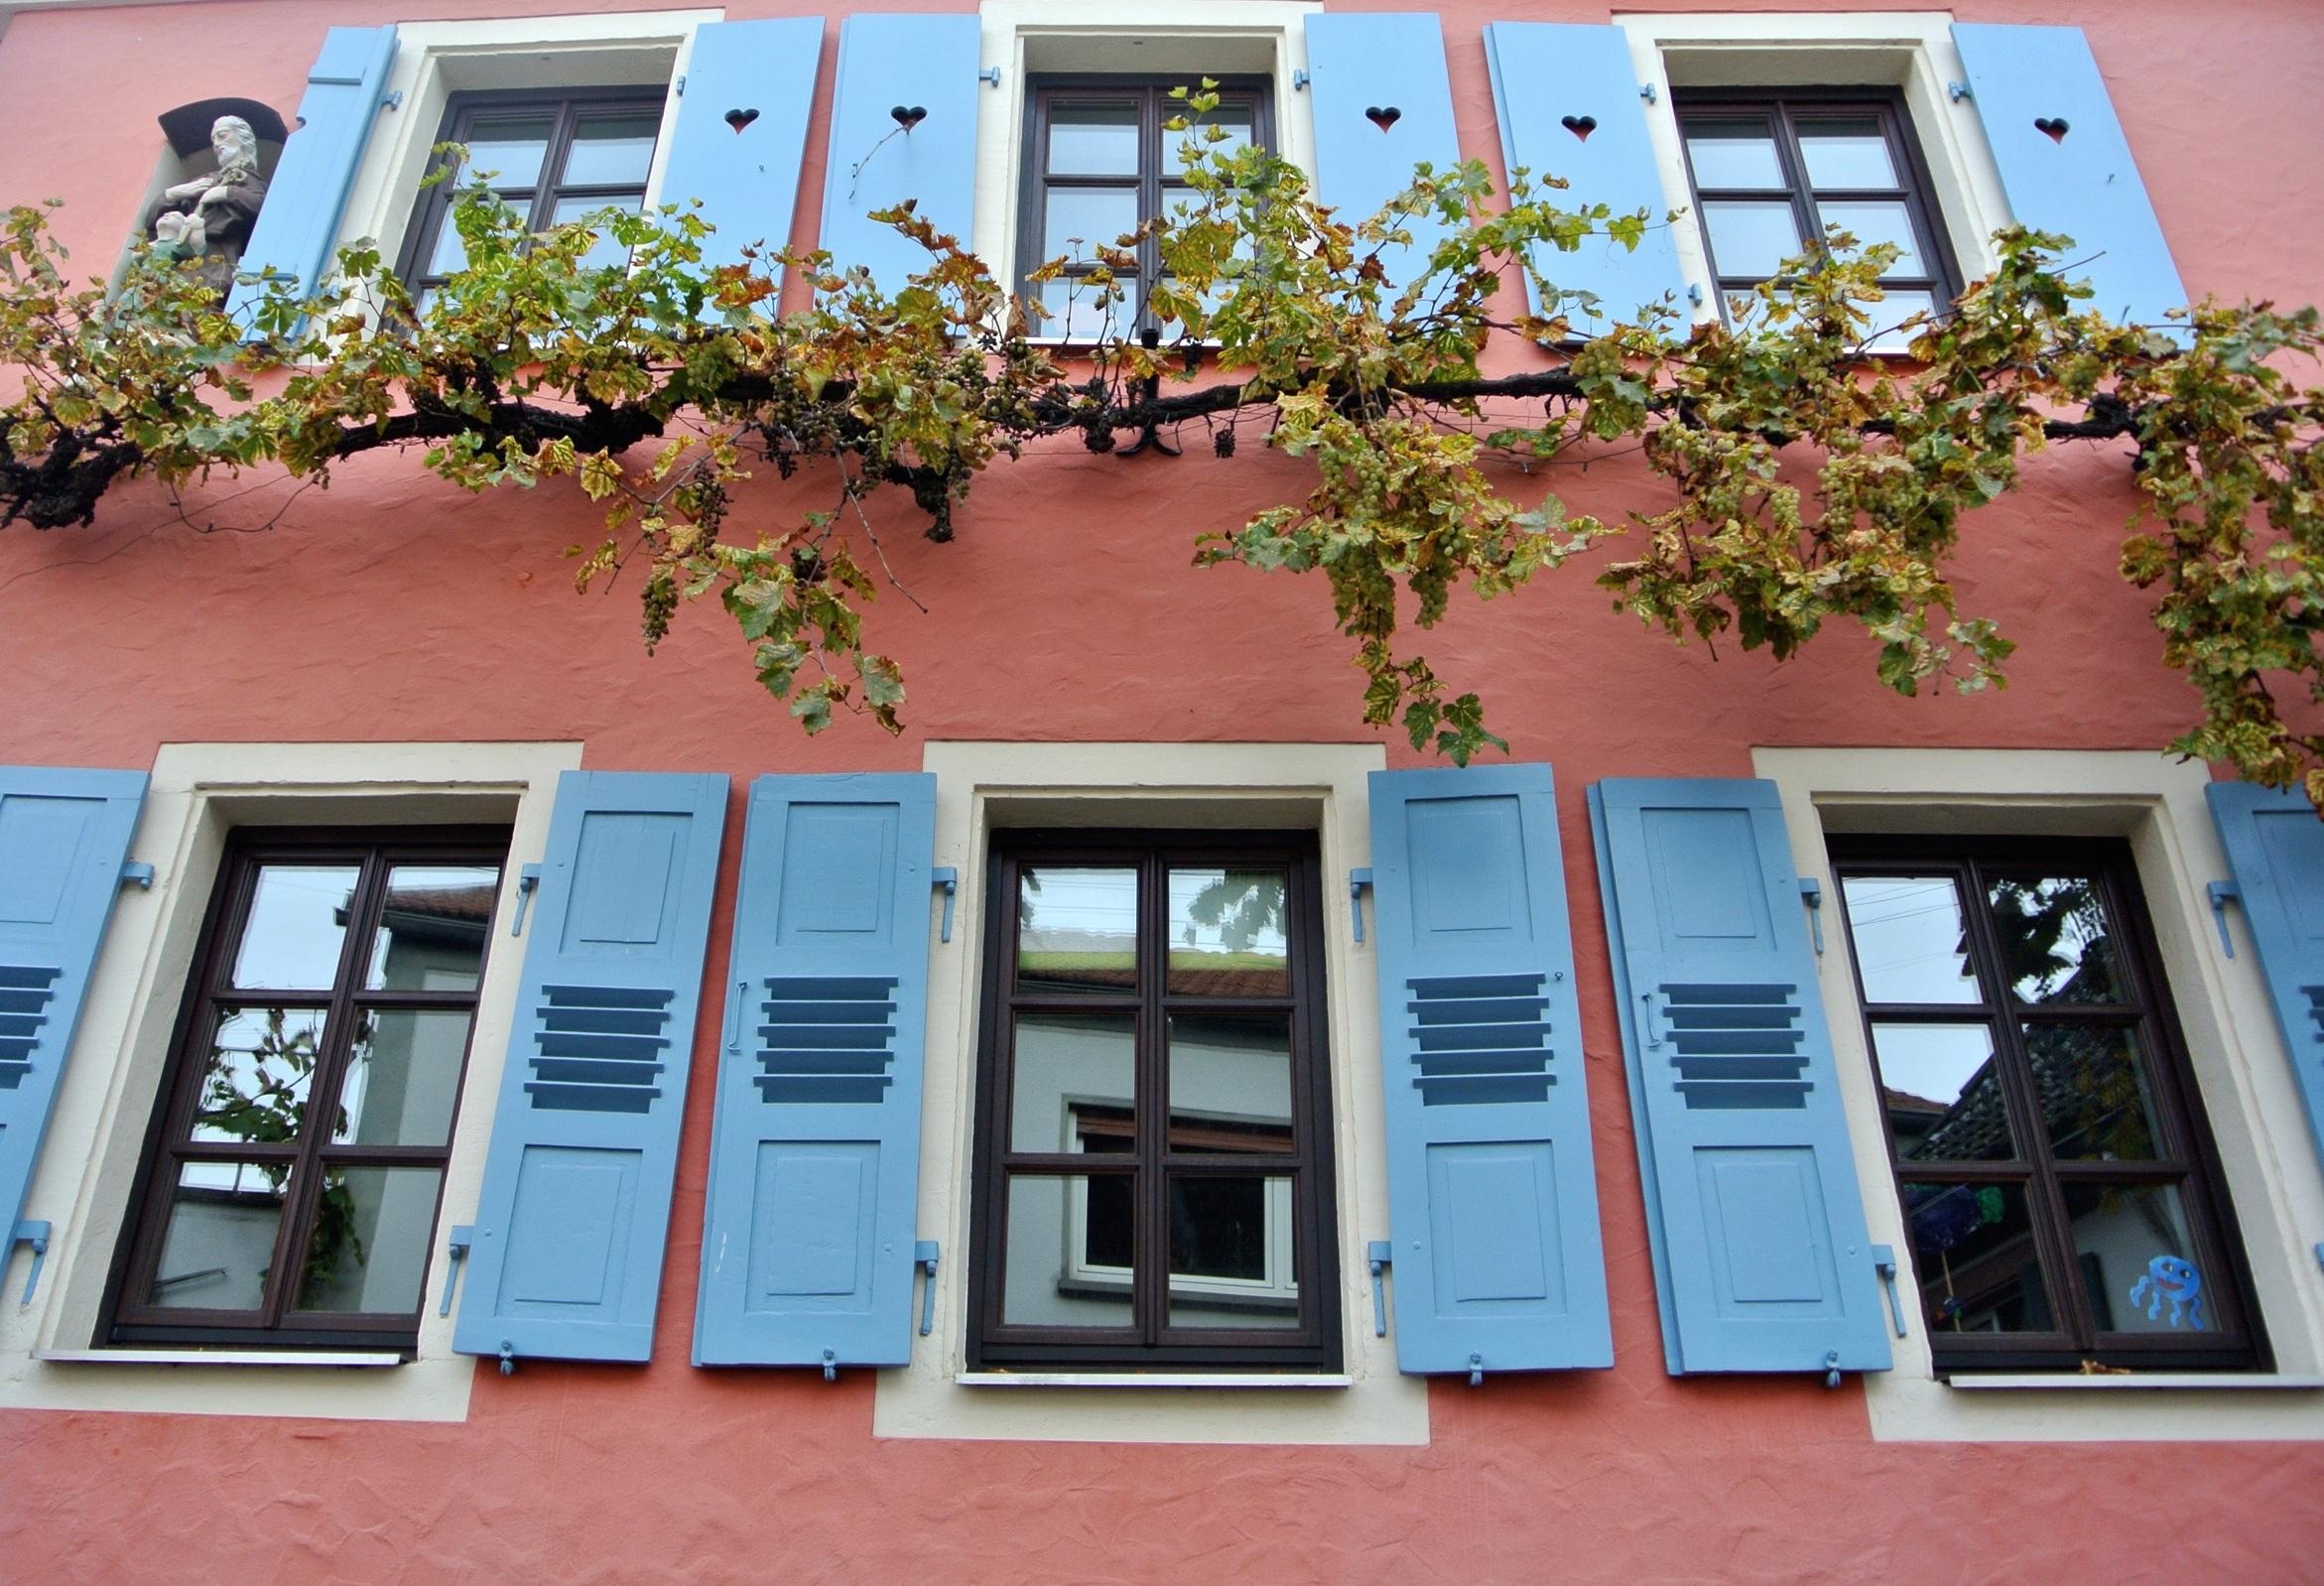 Fotos Gratis Arquitectura Vino Casa Flor Ventana